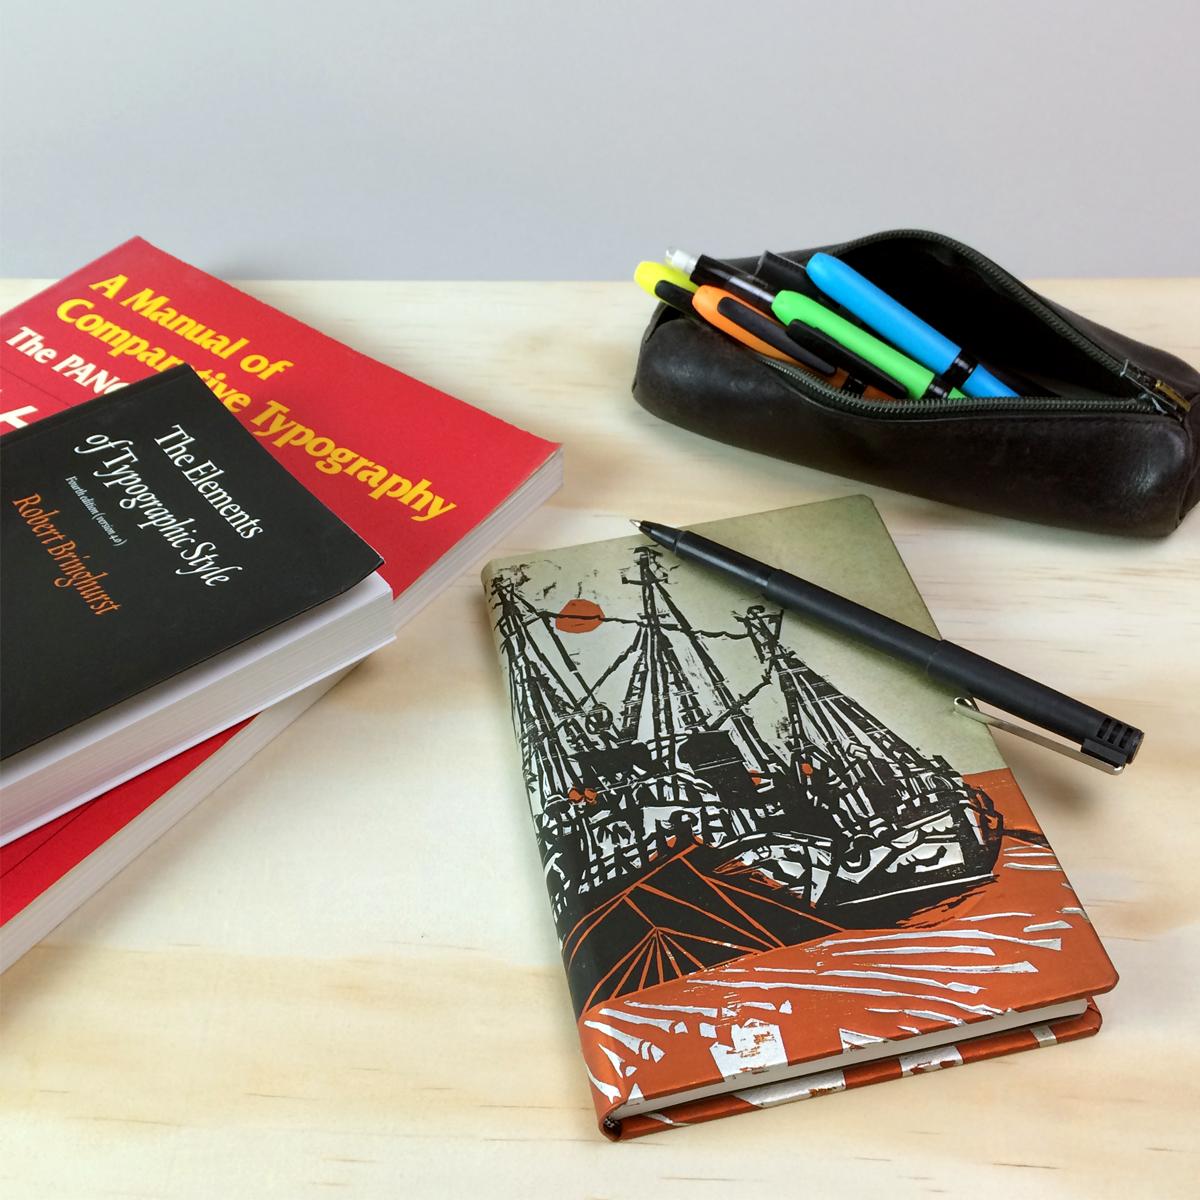 alistairbell_schooltextbooks